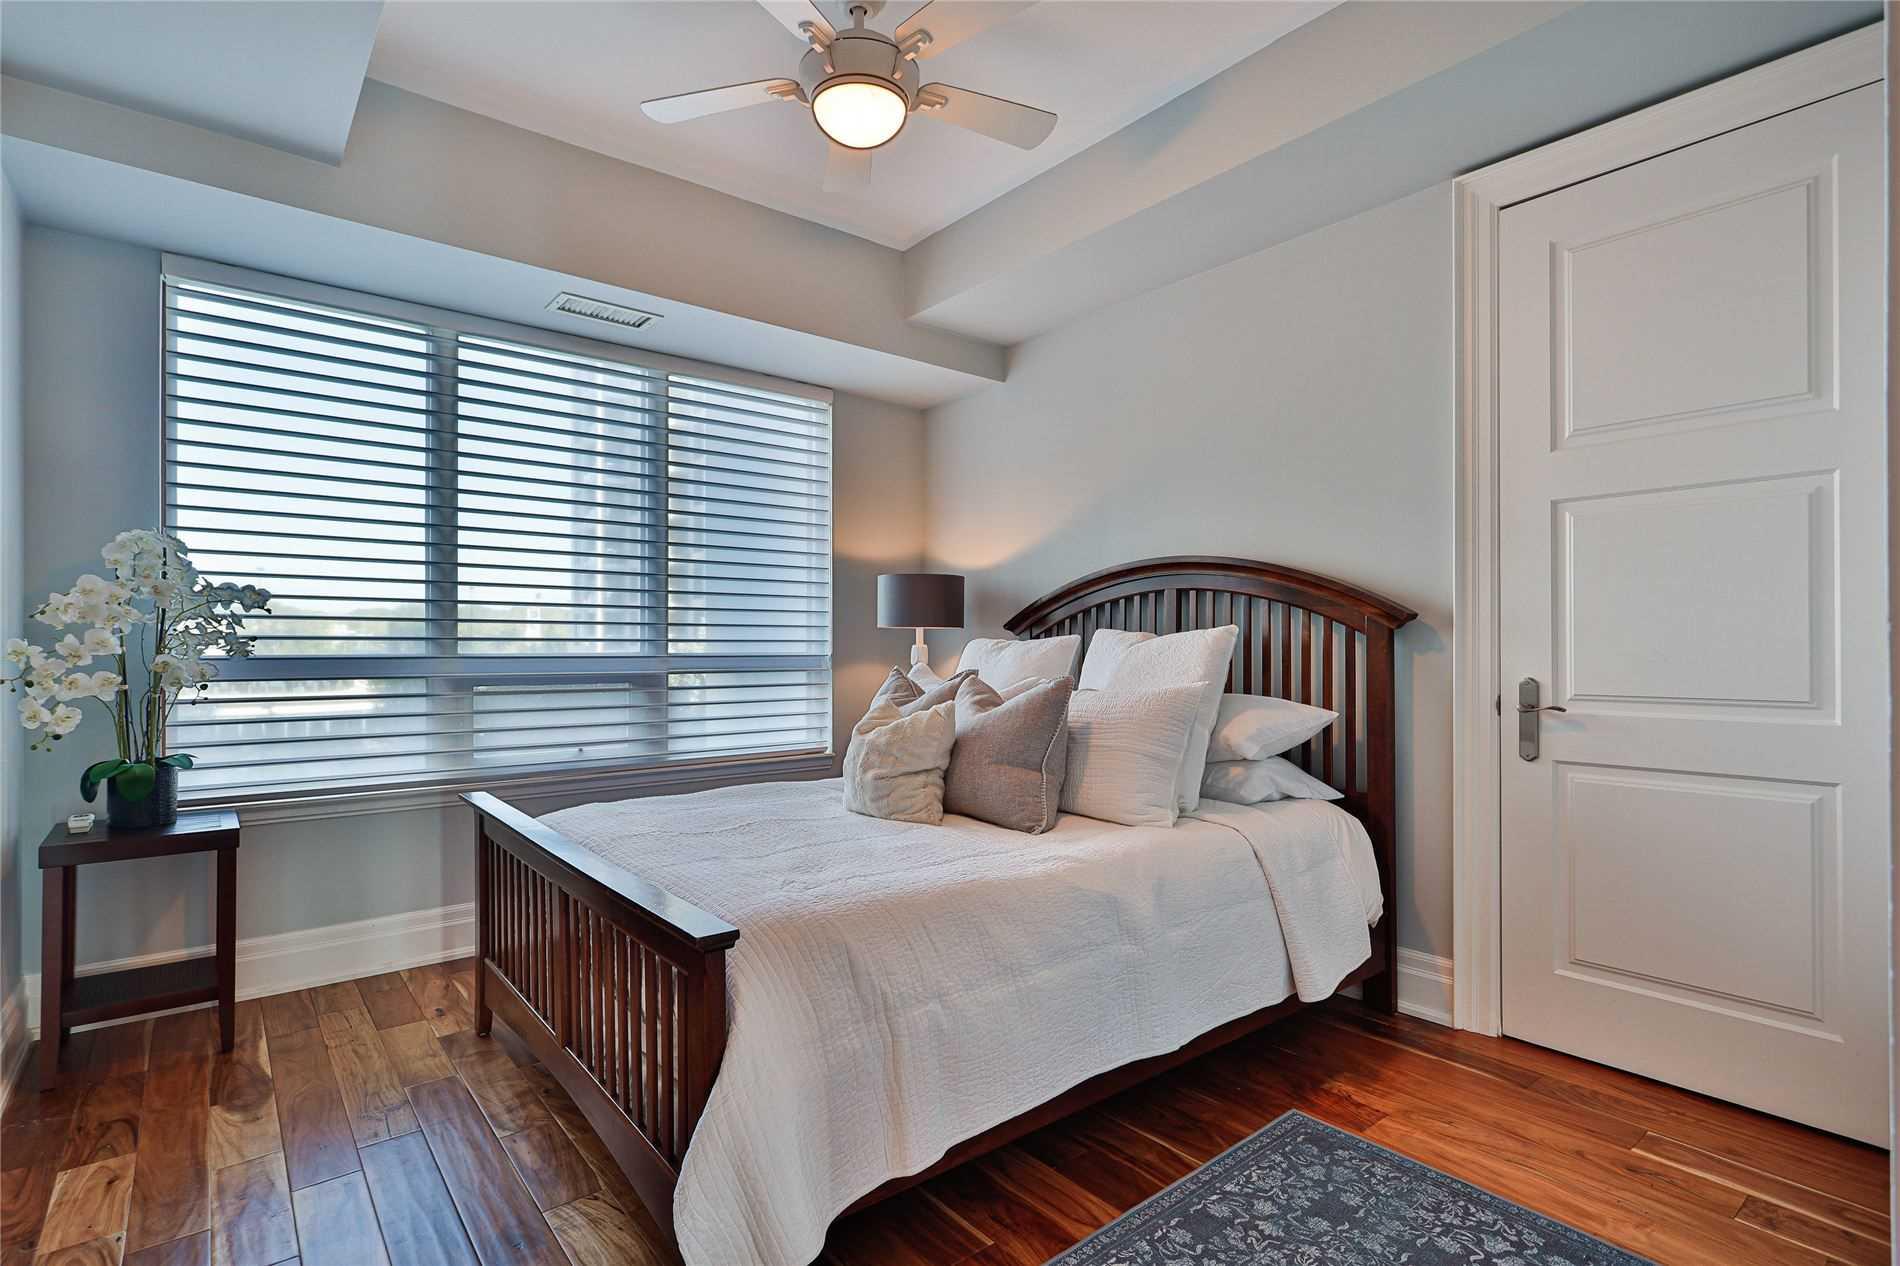 317 - 2095 Lake Shore Blvd W - Mimico Condo Apt for sale, 2 Bedrooms (W5369727) - #27